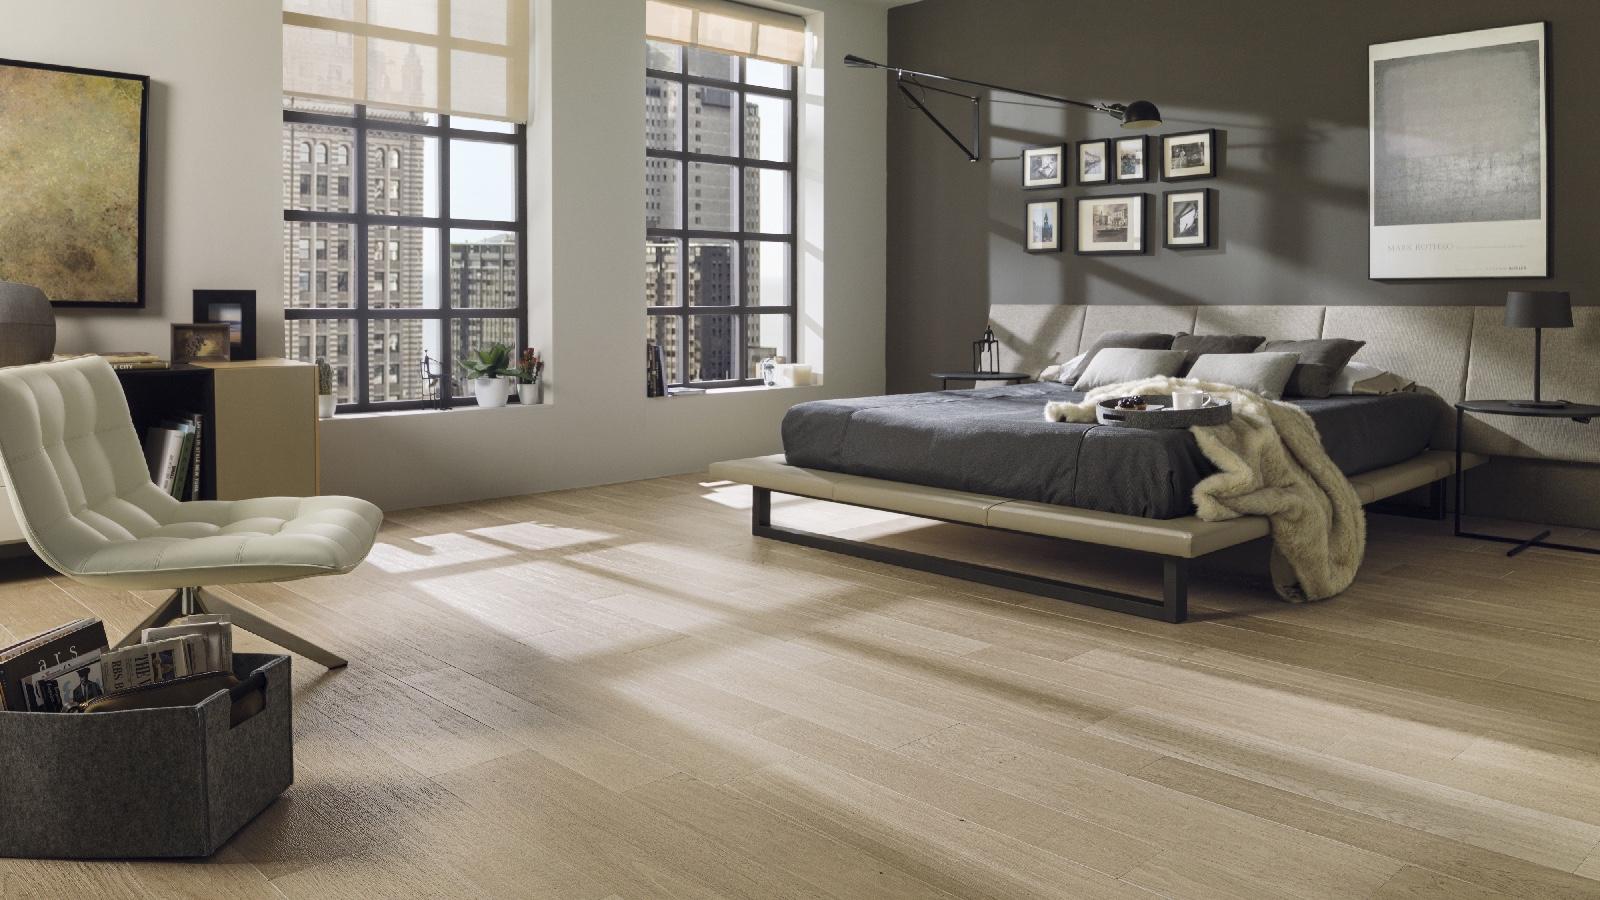 Par-Ker Forest bedroom